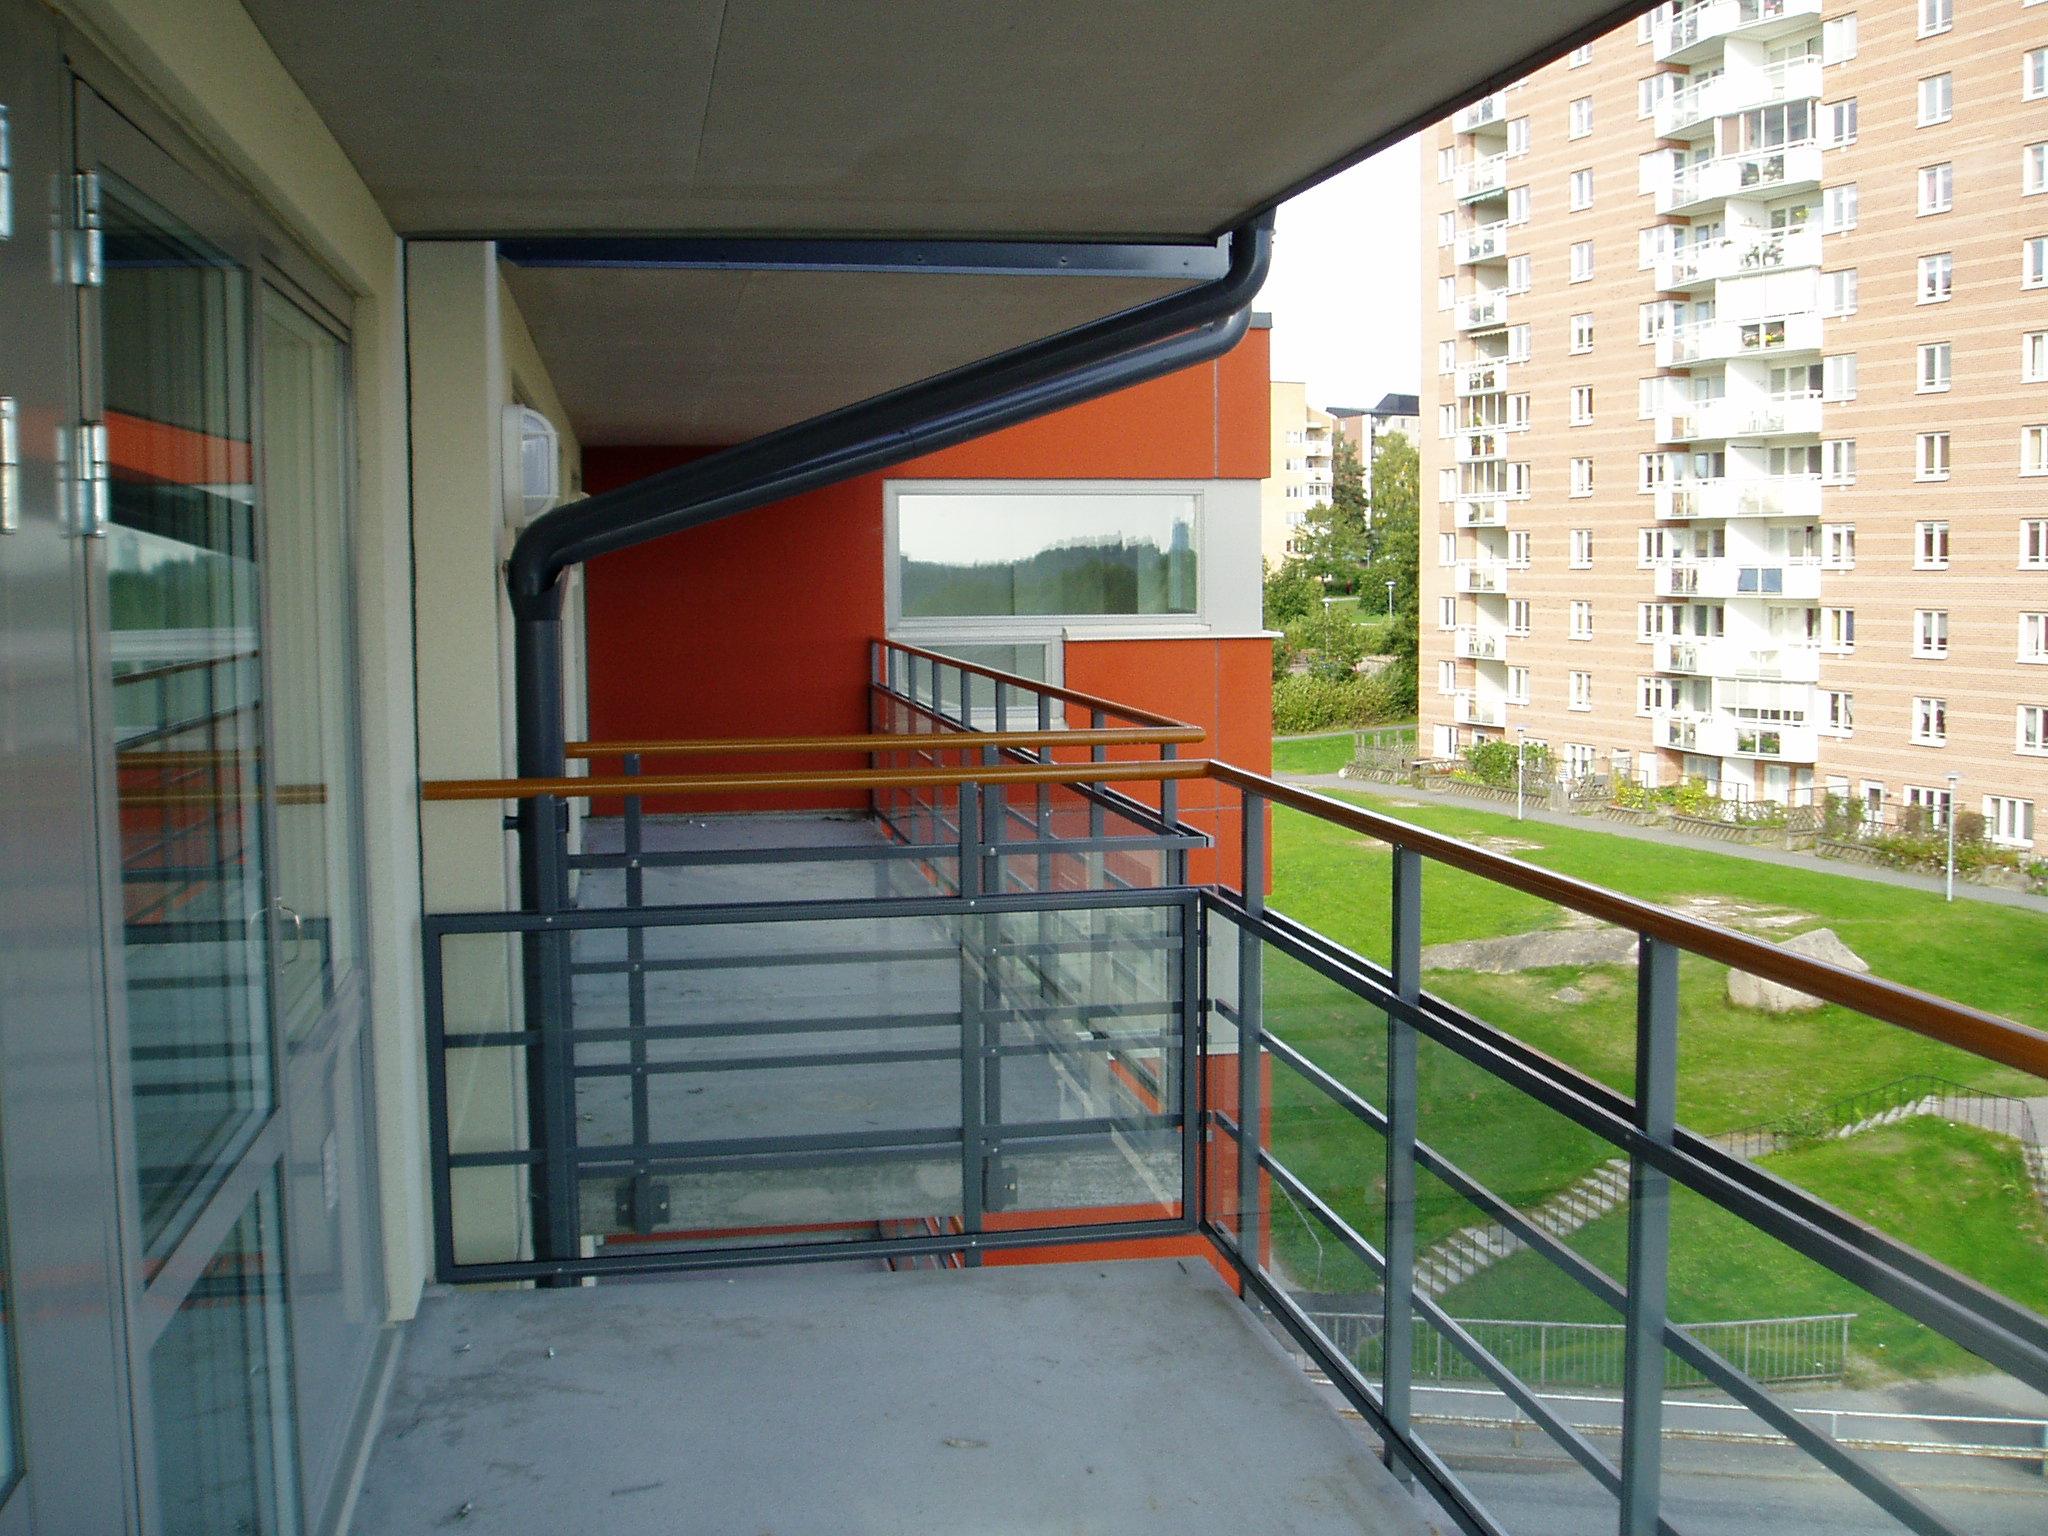 Edsberg centrun 008